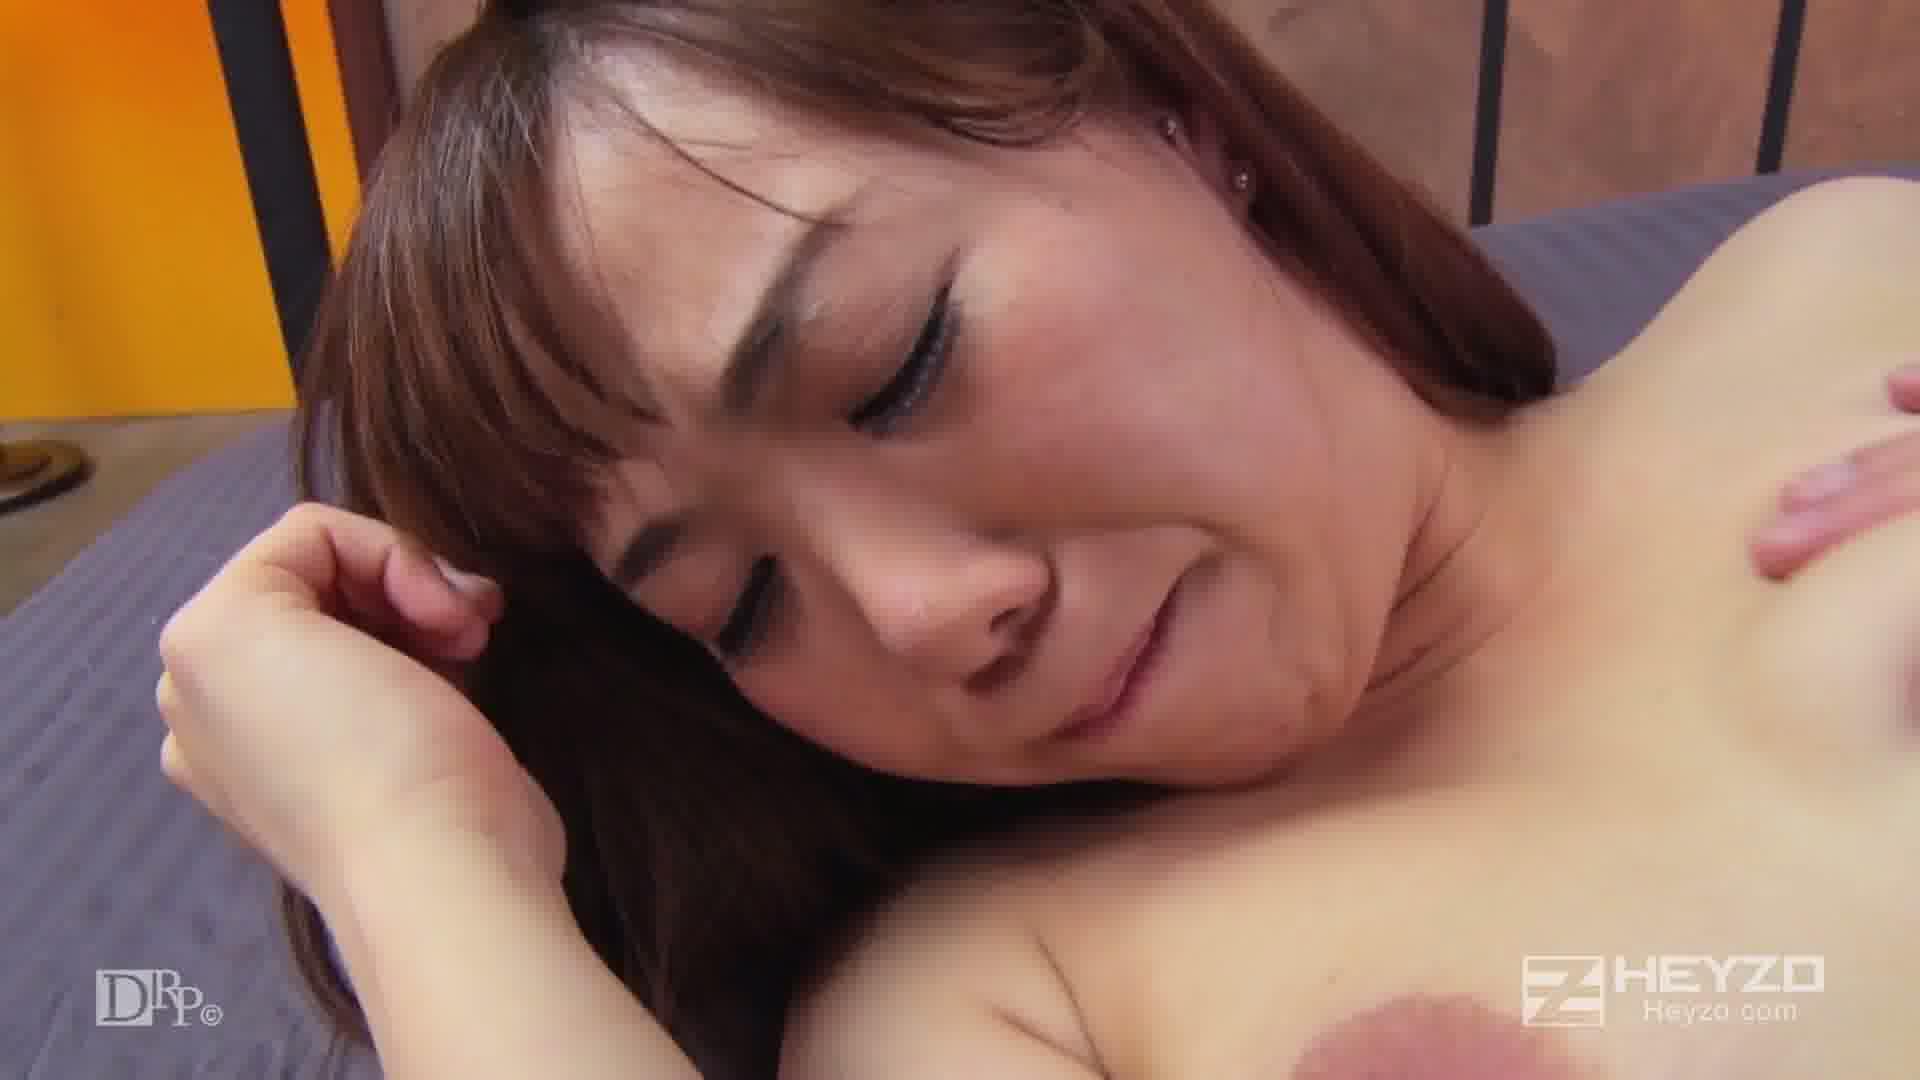 ハメ撮られちゃった 前編 - 七海きよら【シャワー ベッド 手マン】